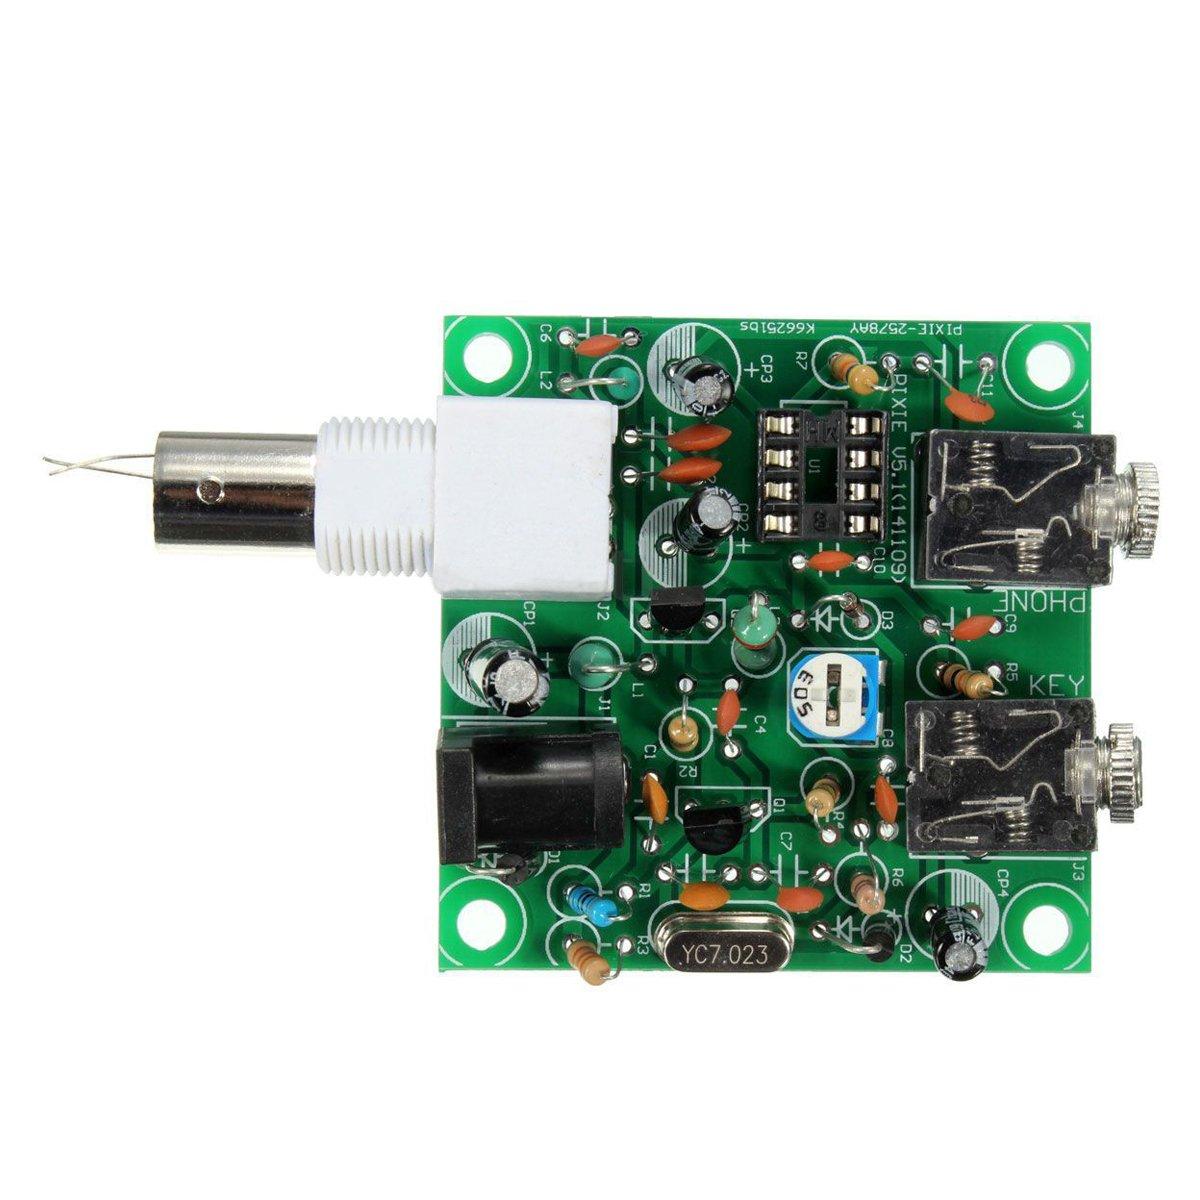 DIY RADIO 40M CW Shortwave Transmitter QRP Pixie Kit Receiver 7.023-7.026MHz K9